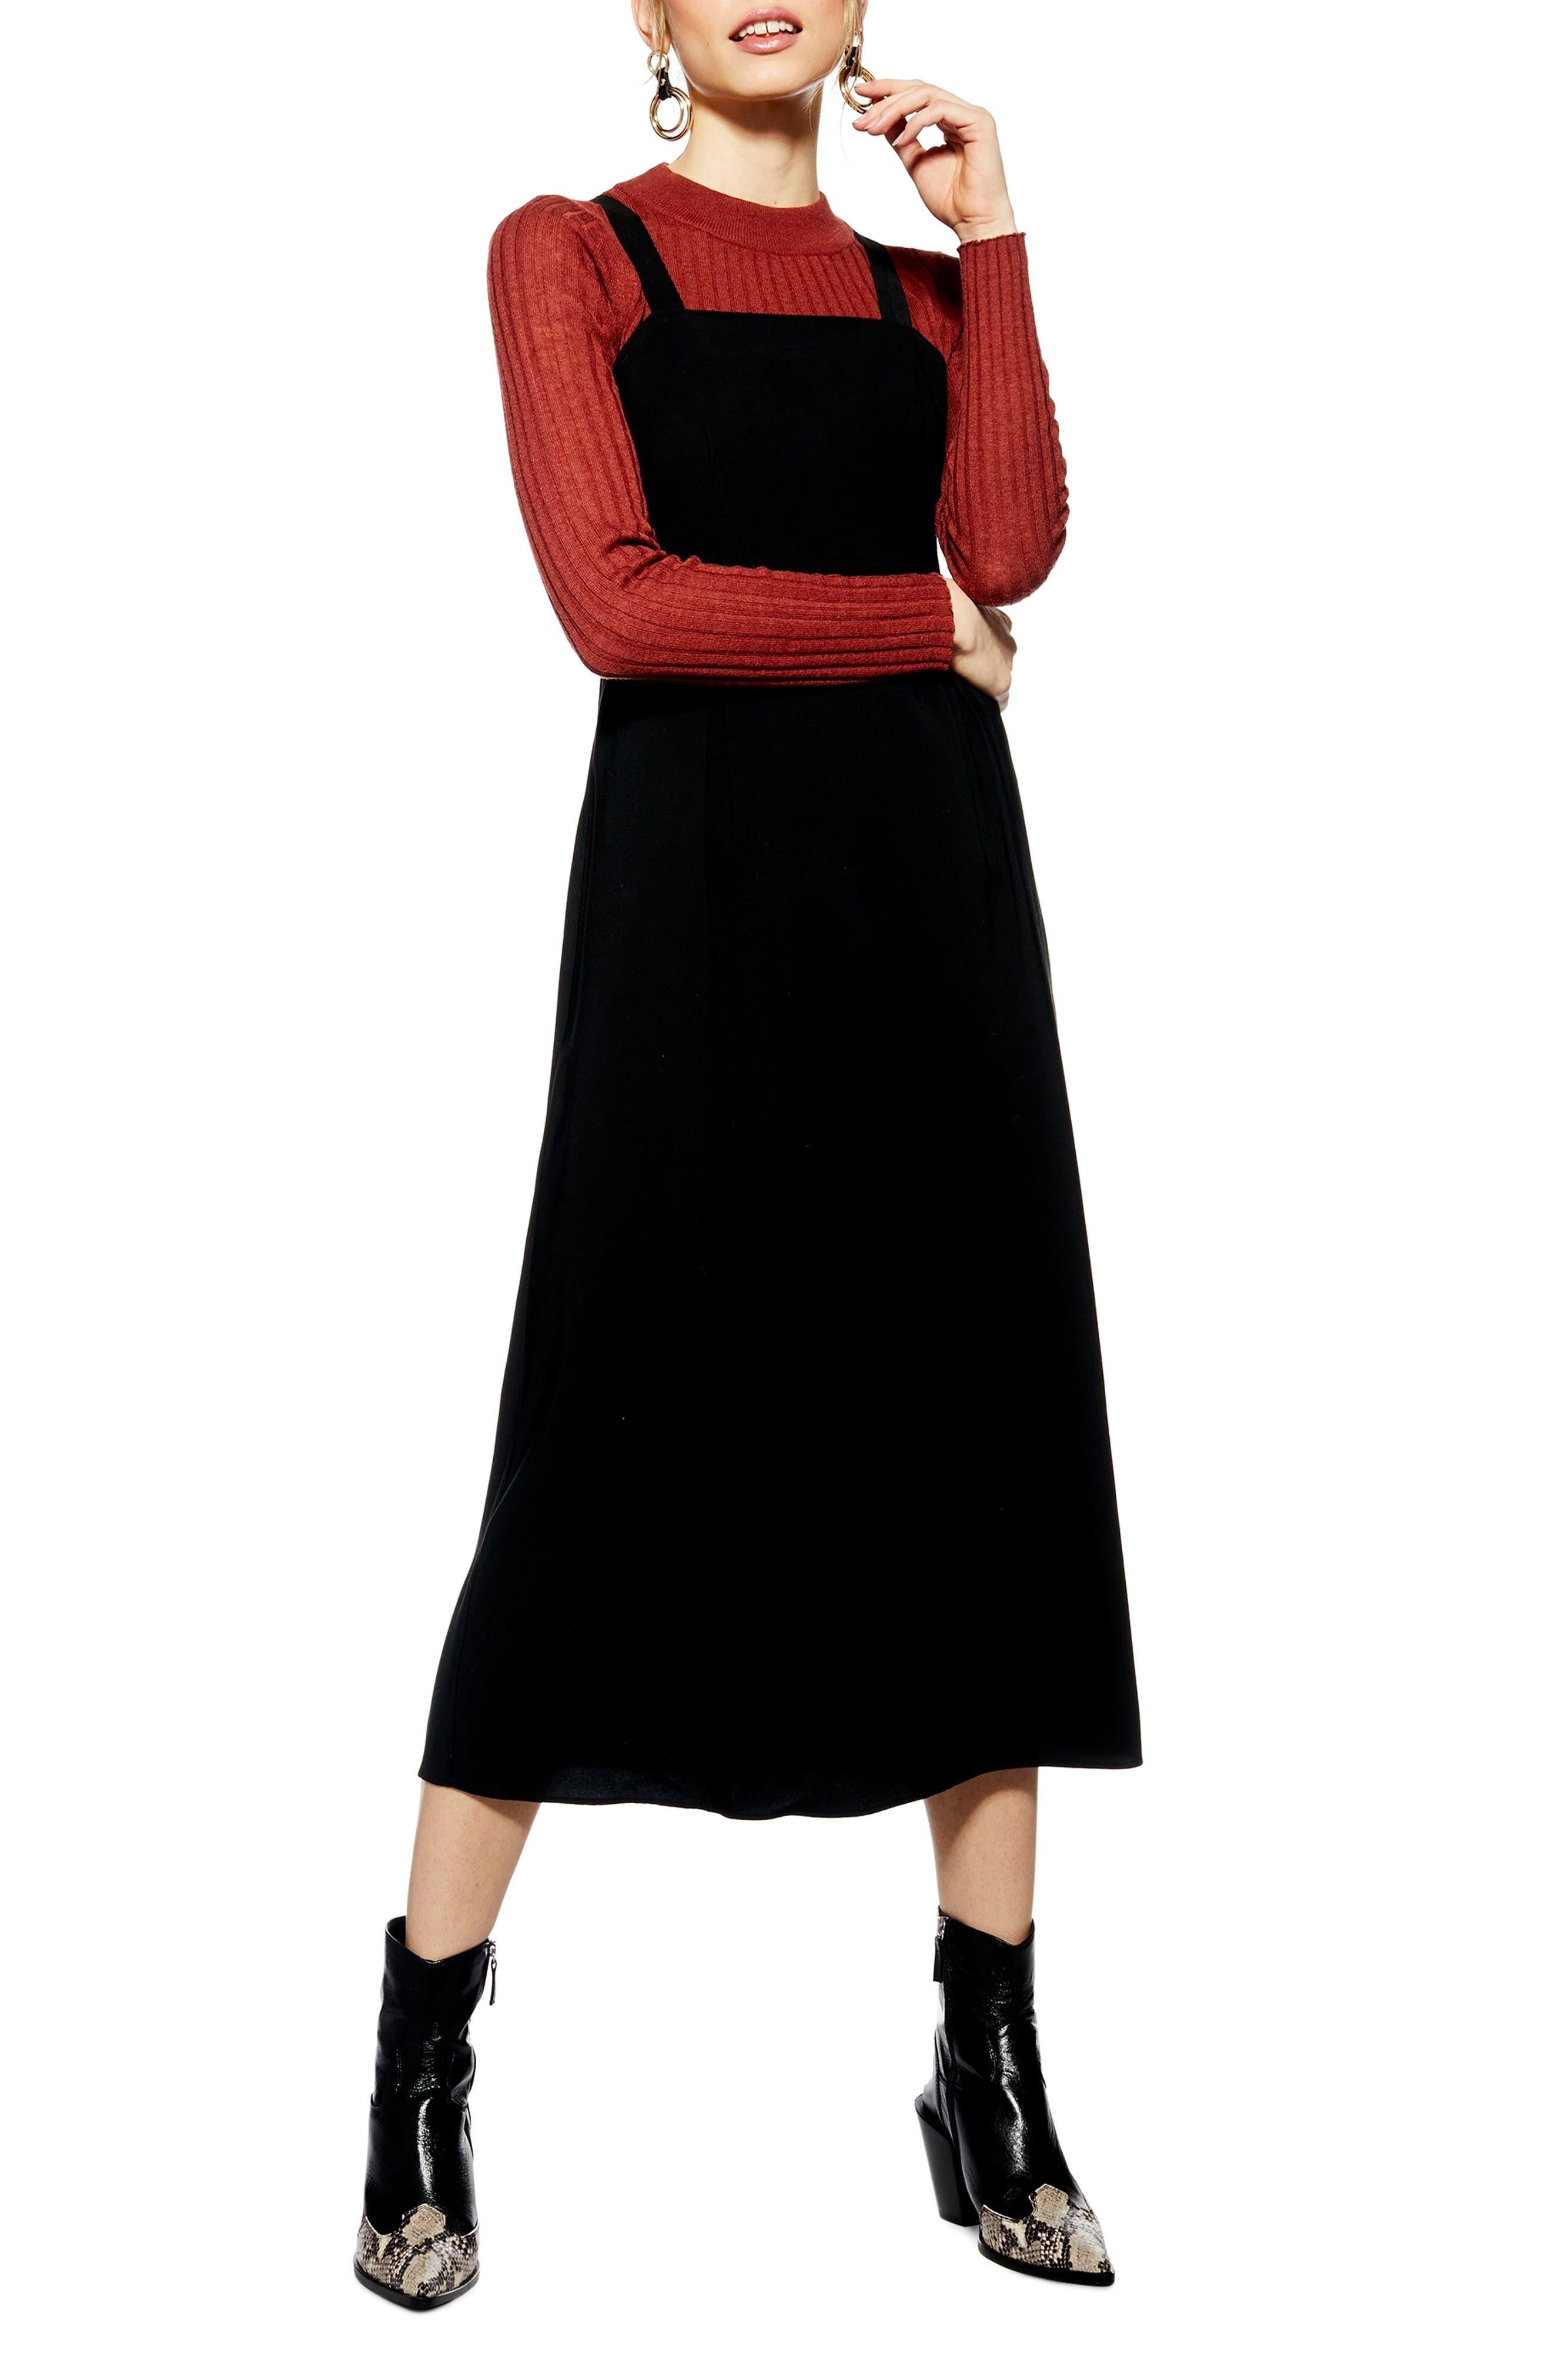 Topshop Tilda Pinafore Midi Dress